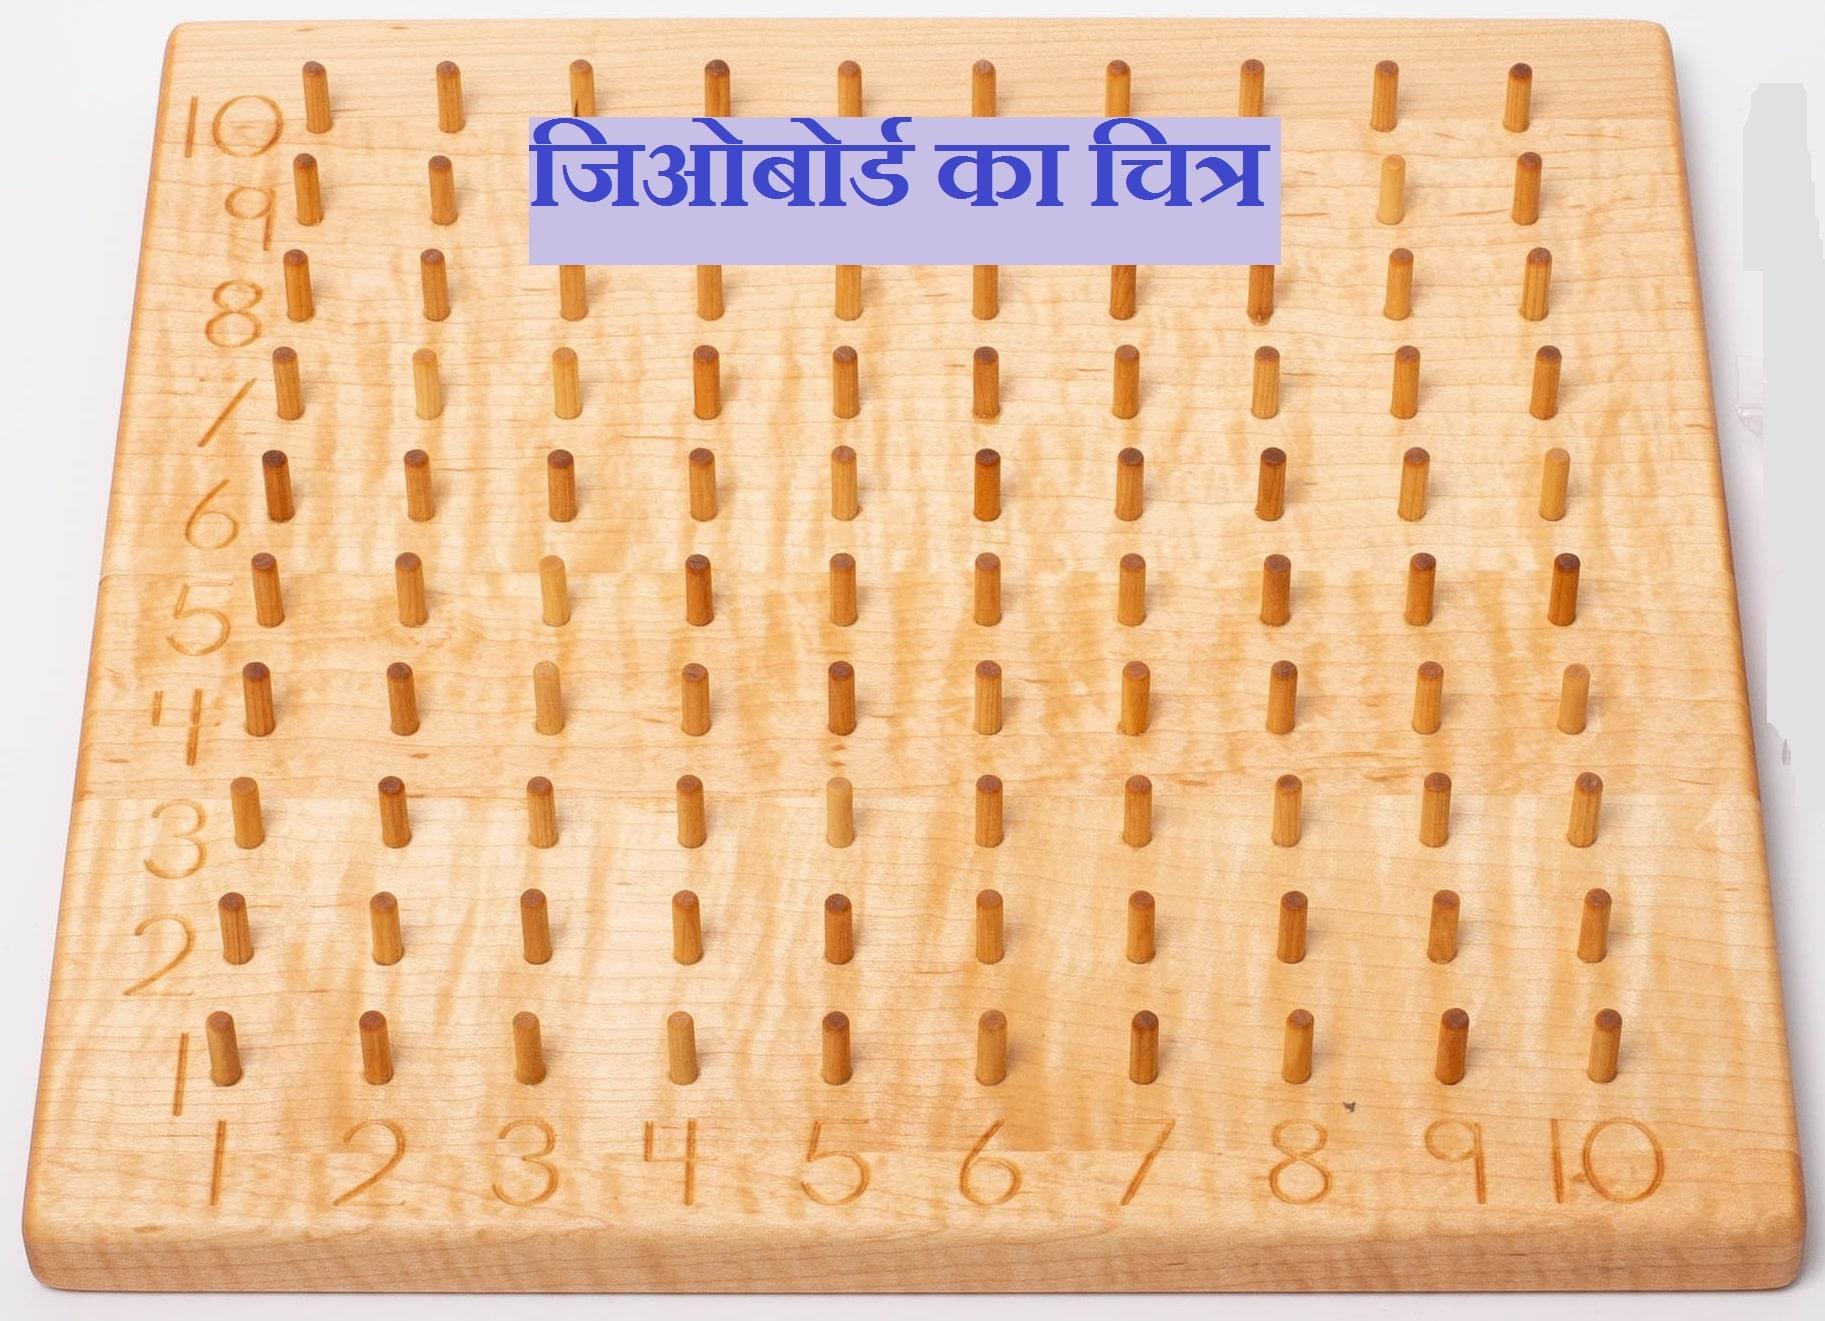 जिओबोर्ड क्या है? CTET MATH NOTES IN HINDI